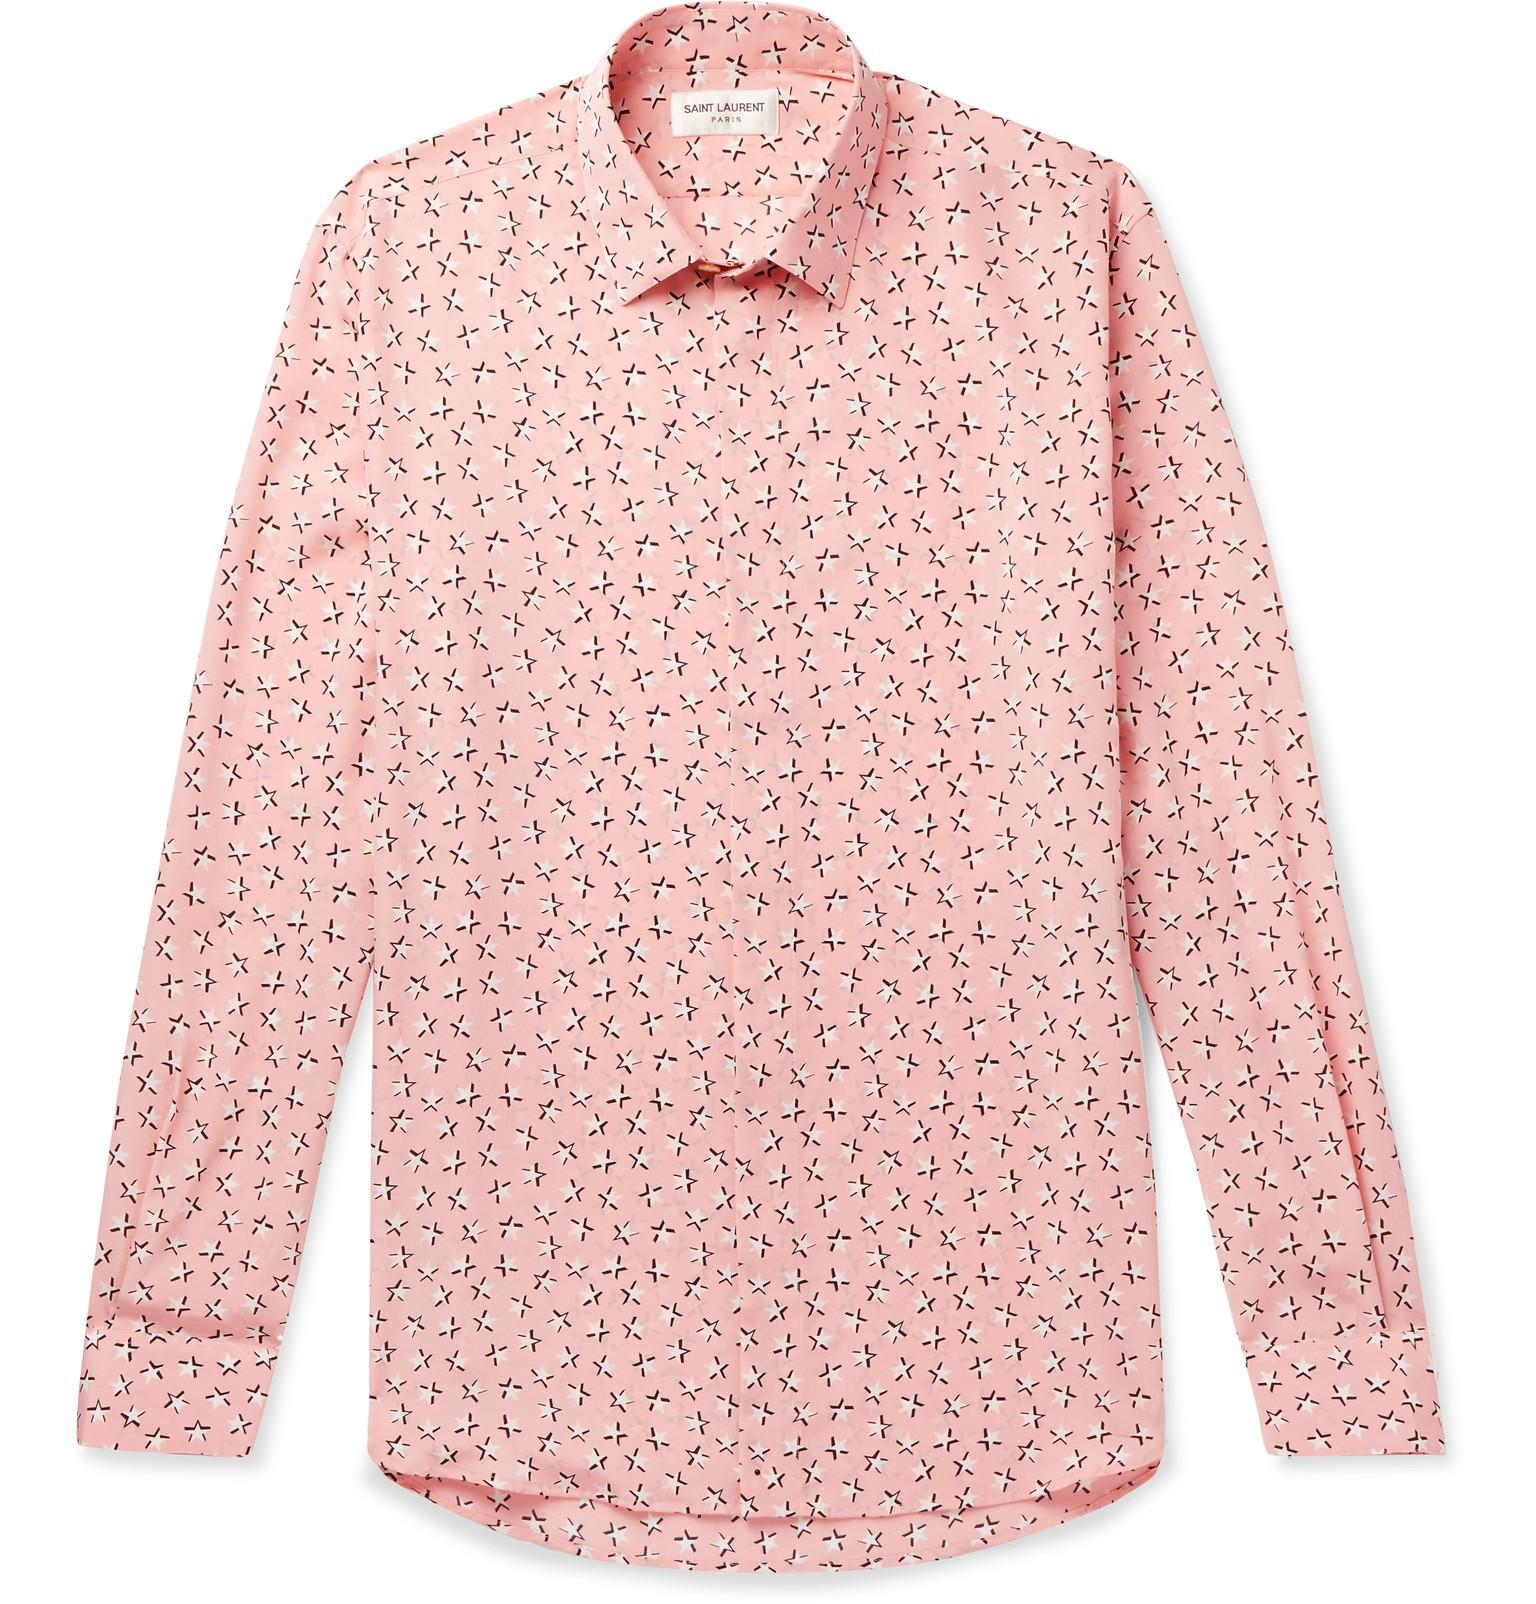 357ac91eb3c Saint Laurent Slim-fit Printed Silk Crepe De Chine Shirt in Pink for ...